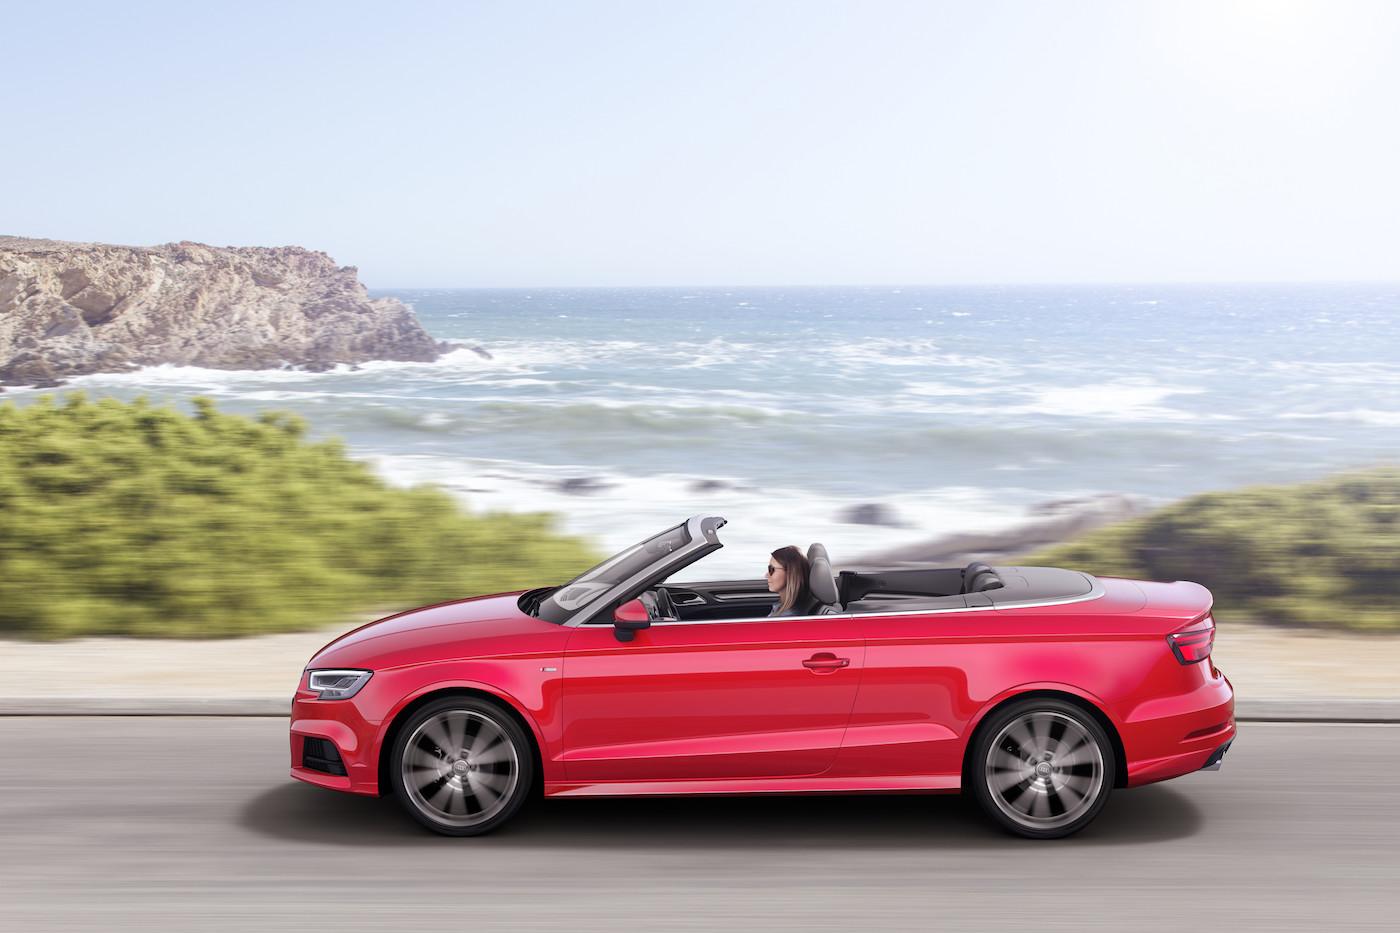 Perfetta per l'estate: l'offerta di Mobility prevede anche delle Audi A3 Cabrio. (Audi)